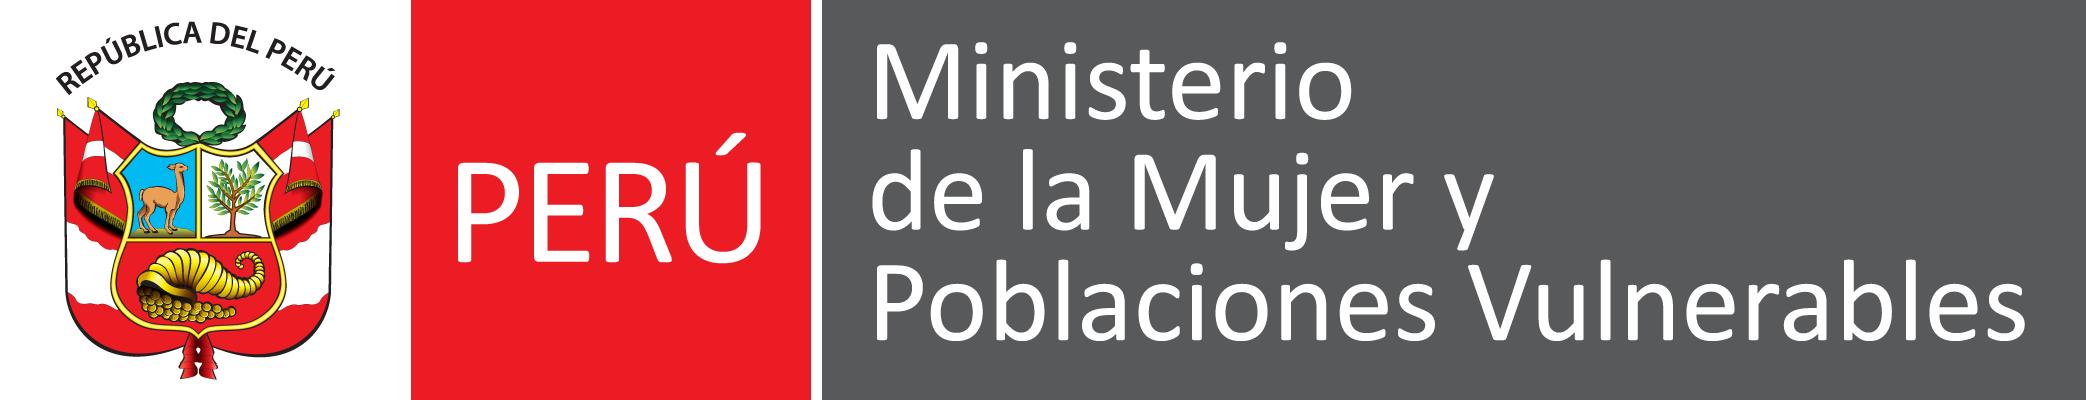 PCM-MIMP.png Español: Colección Ministerios de la República del Perú Date 29 December 2017 Source Own work Author CanalesQuintanilla